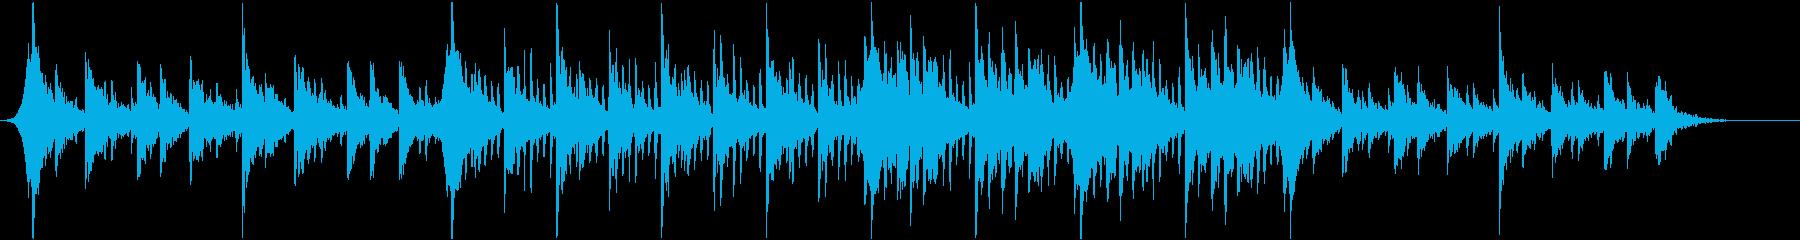 アコースティック系 静かで切ない四つ打ちの再生済みの波形